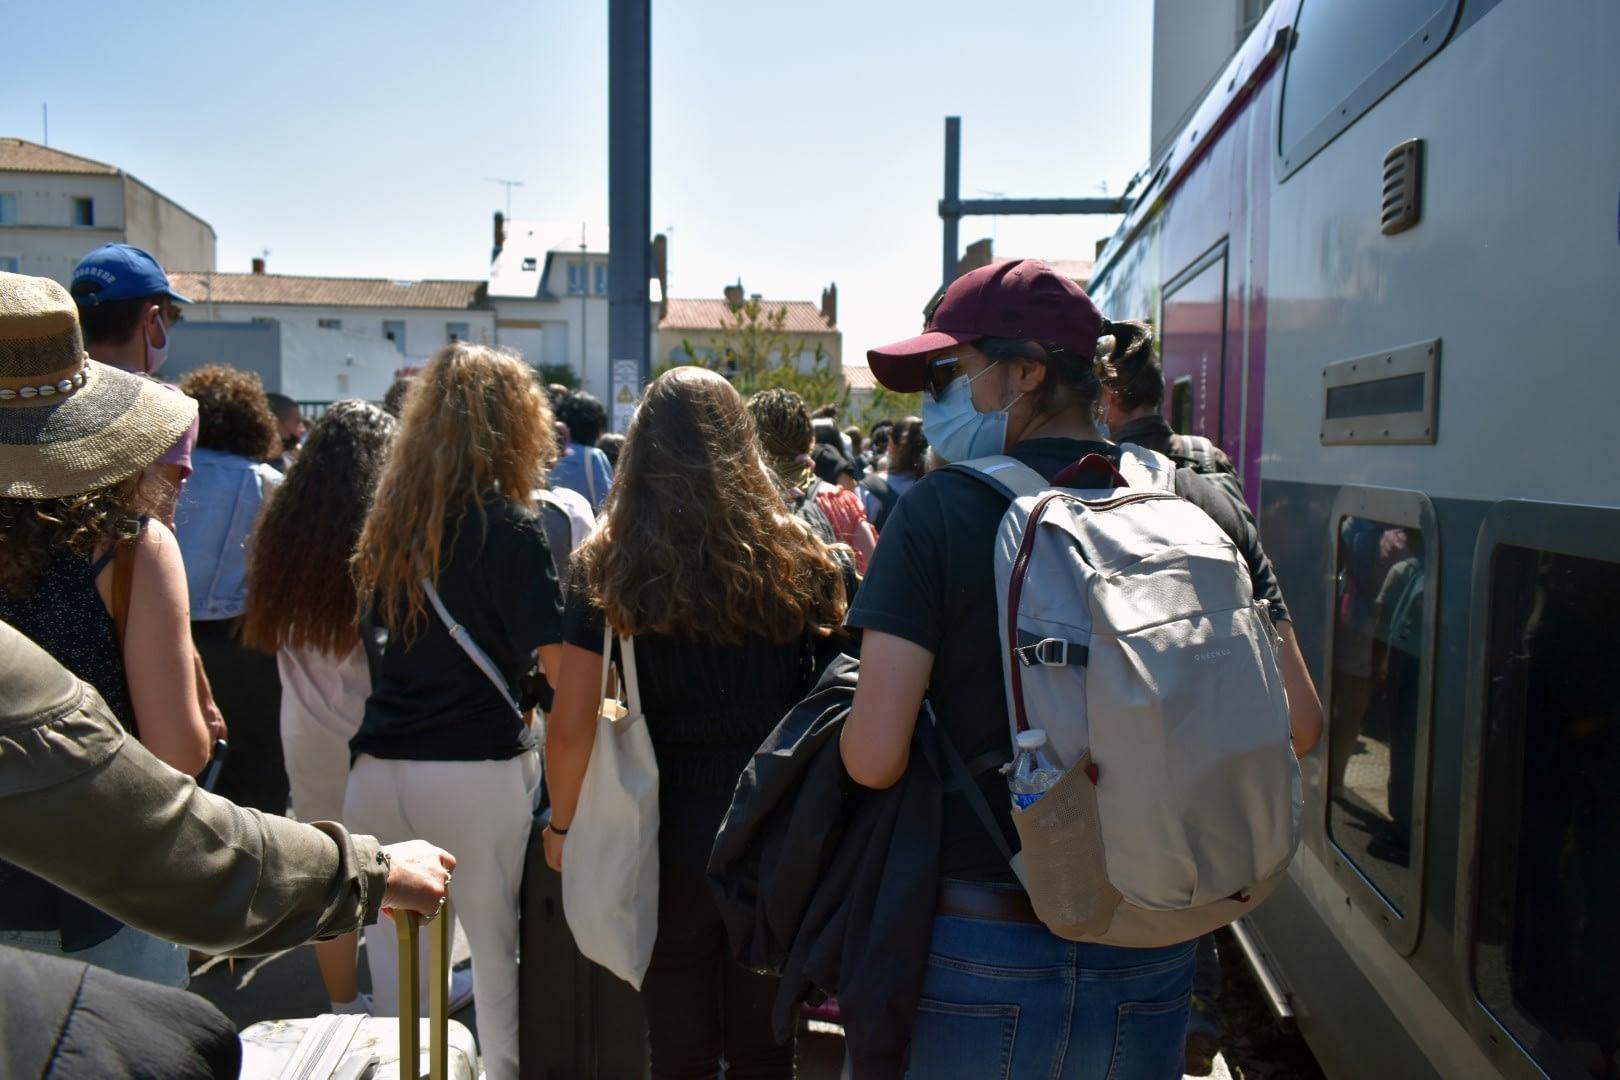 Gare SNCF, Les Sables-d'Olonne